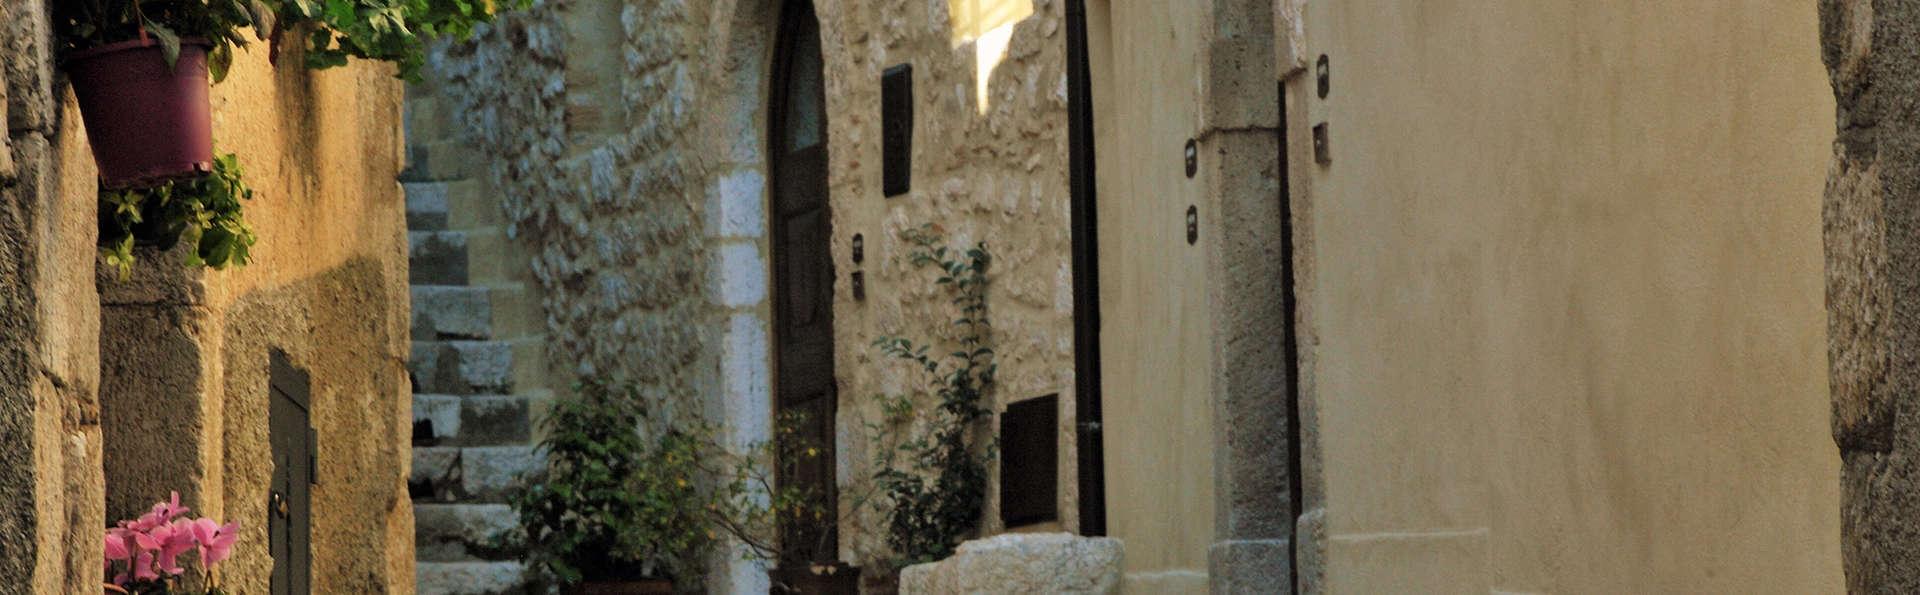 Séjour de charme dans un ancien village médiéval près de Frosinone